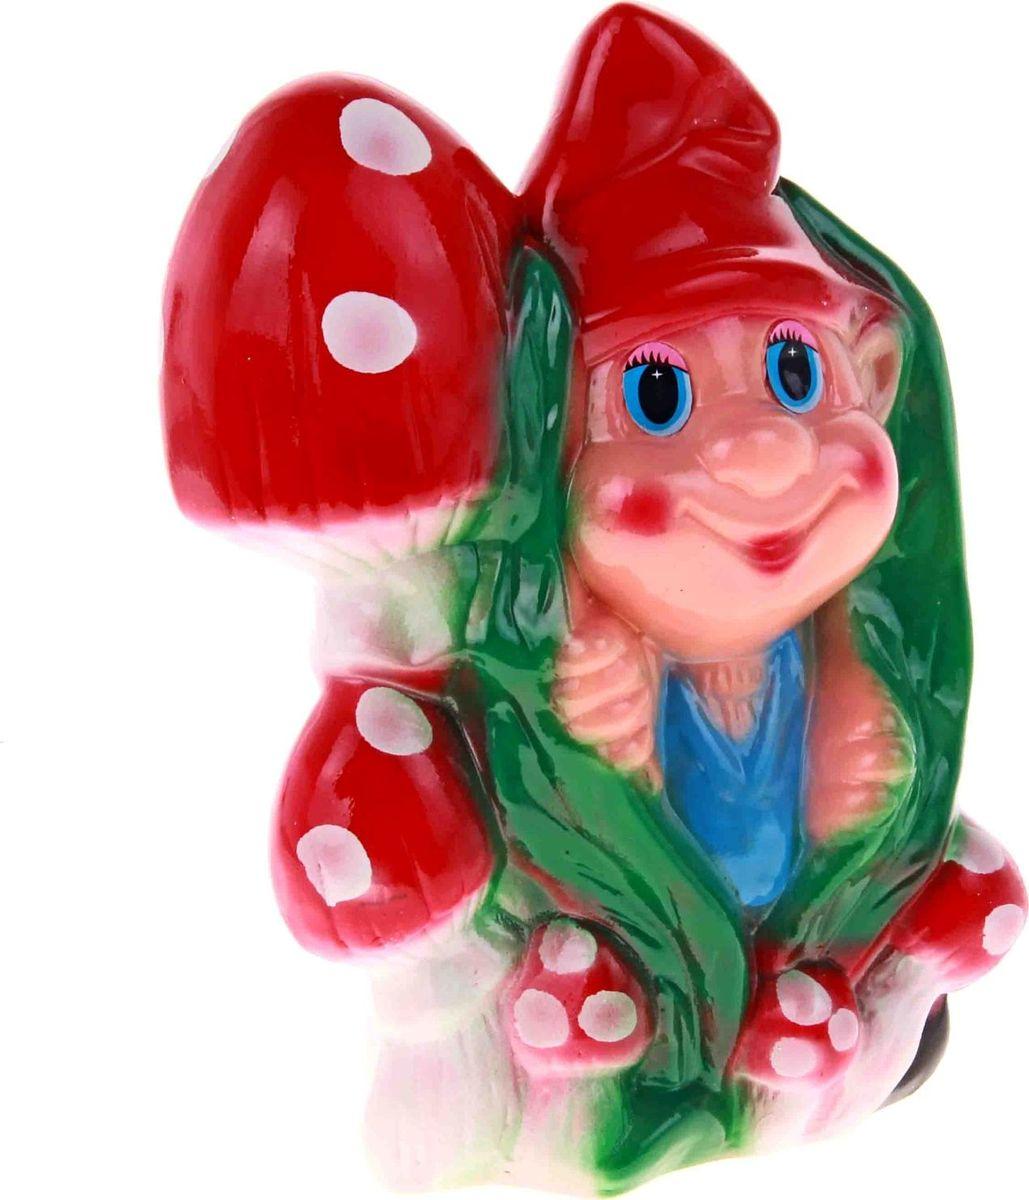 Копилка Керамика ручной работы Гном с грибами, 9 х 17,5 х 24 см193357Сохранилась легенда, что в каждом доме есть свой невидимый, но очень сильный хозяин, который уберегает жилище от злых духов, всевозможных недугов и прочих опасностей, поэтому копилка в виде мифологического создания будет очень полезным приобретением.Обращаем ваше внимание, что копилка является одноразовой.